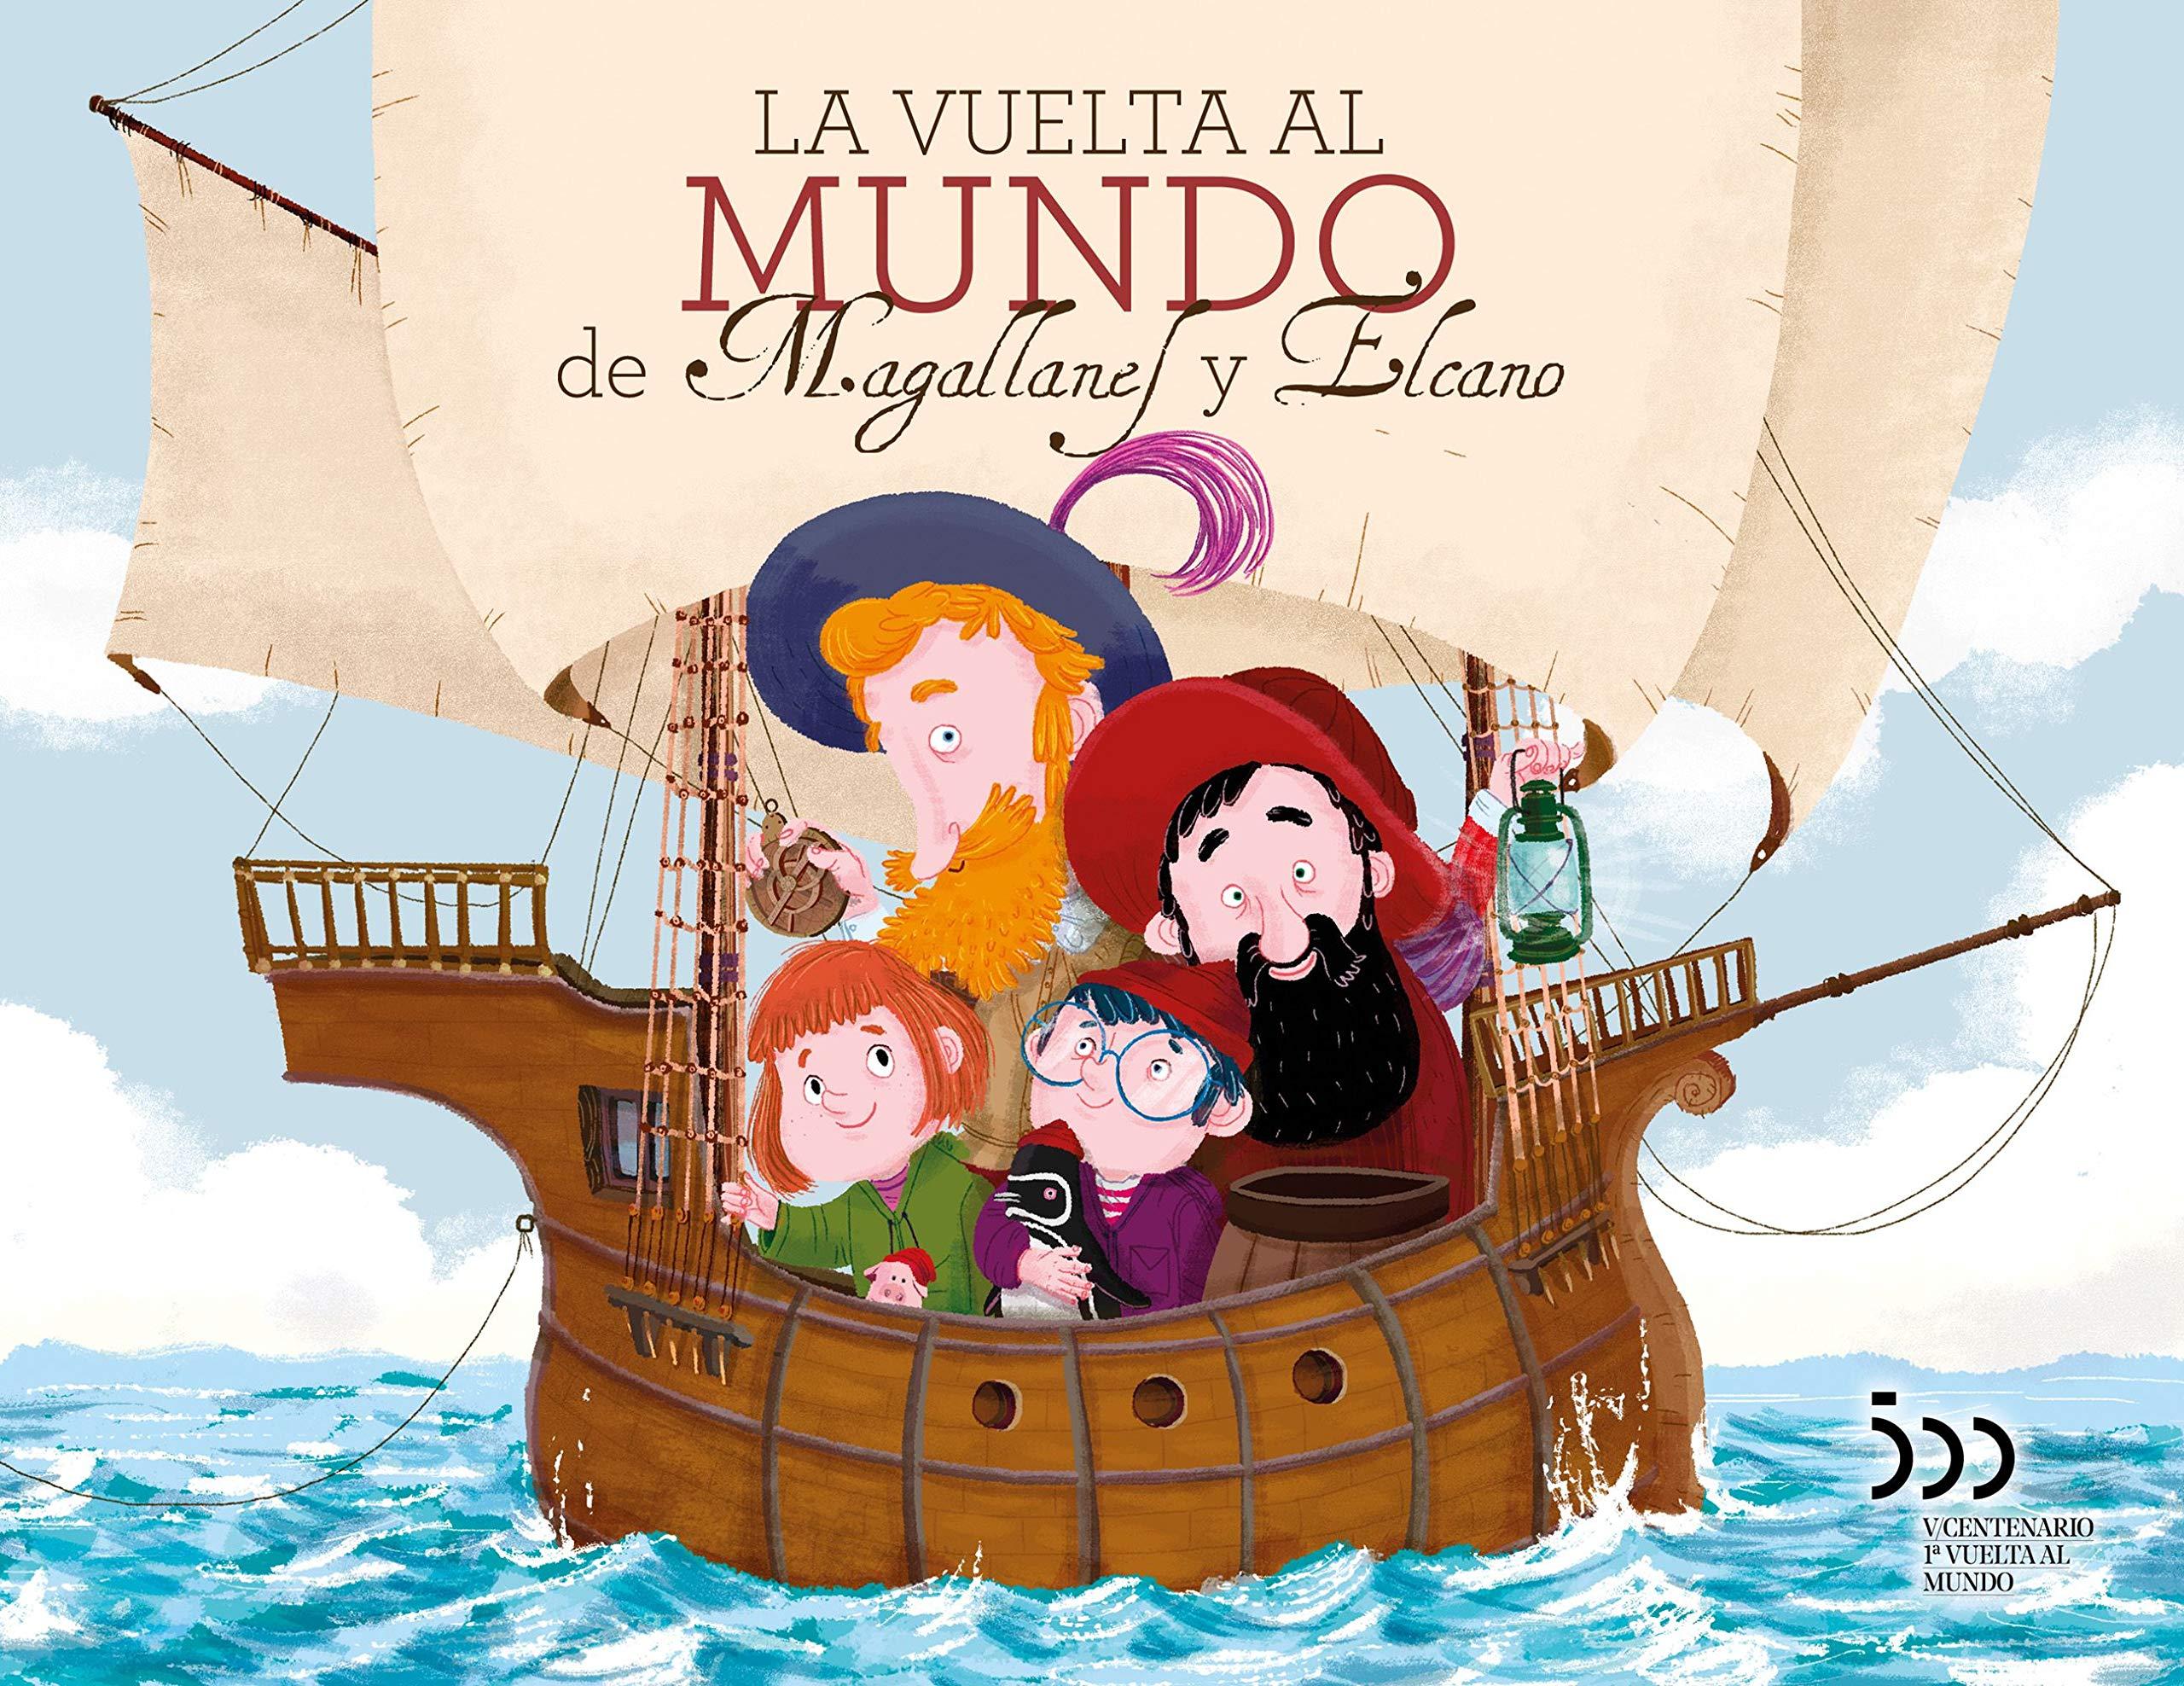 La vuelta al mundo de Magallanes y Elcano (Varios): Amazon.es: Higueras Rodríguez, Mª Dolores: Libros